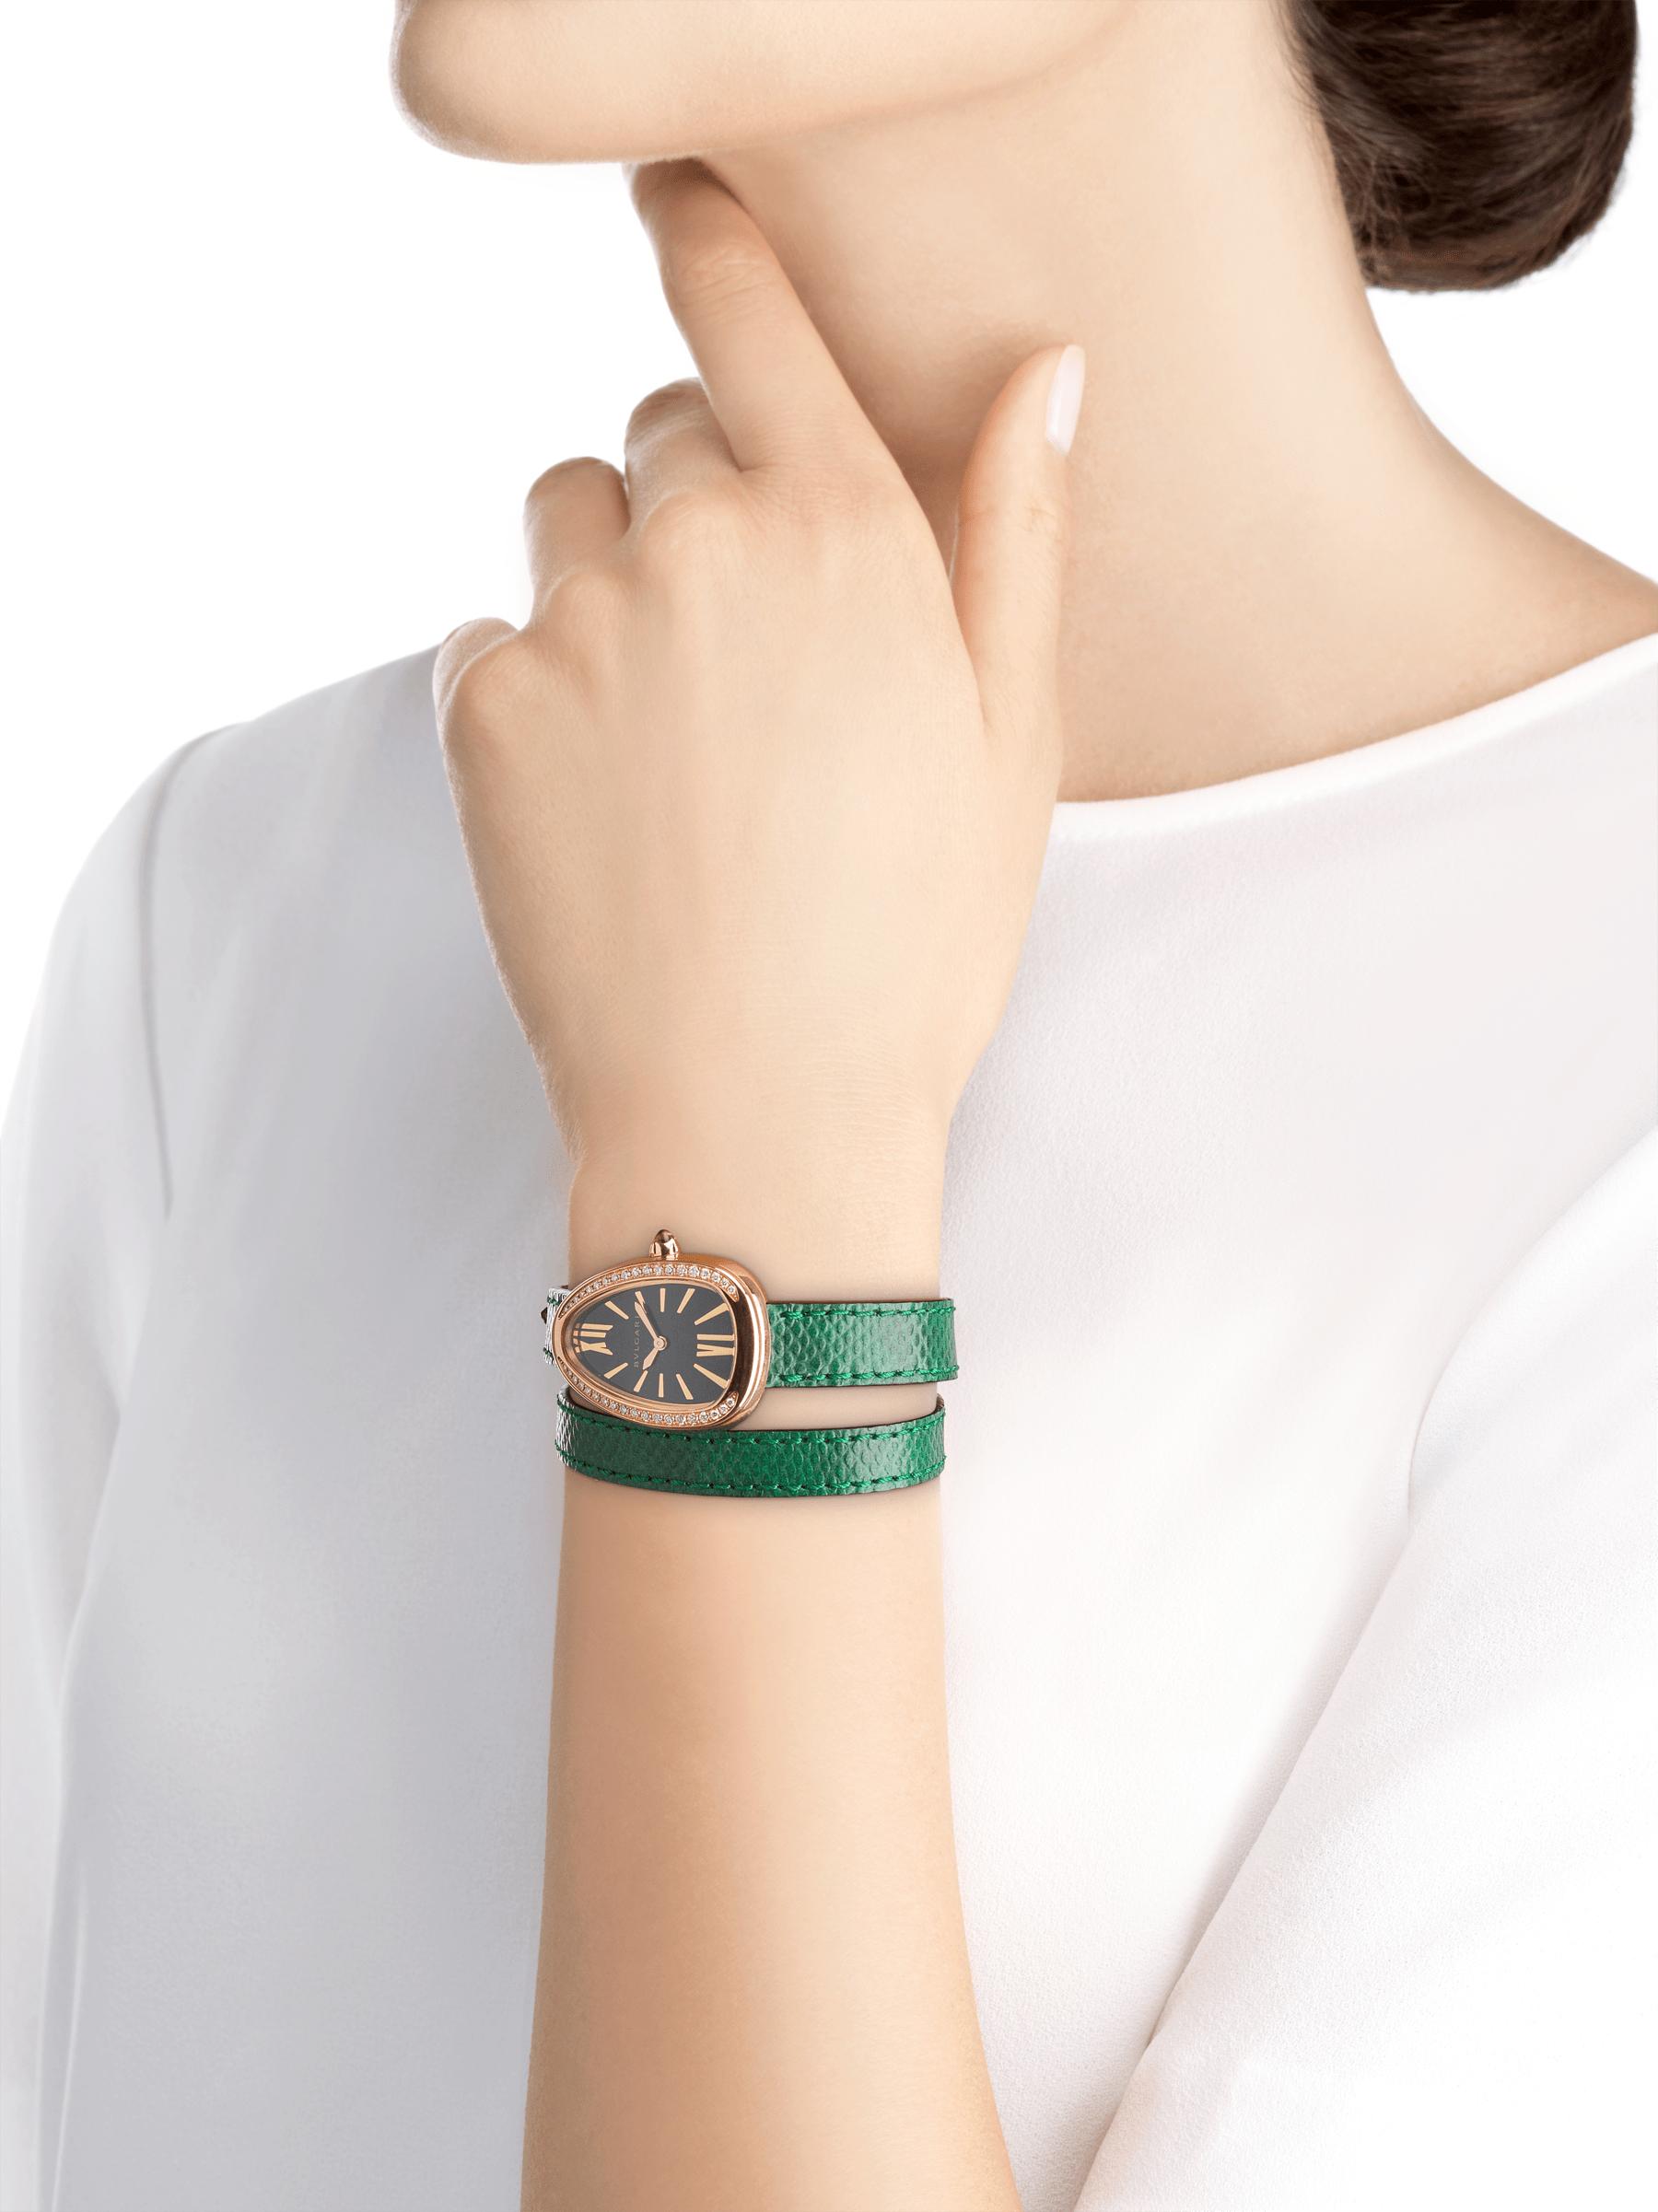 Relógio Serpenti com caixa em ouro rosa 18K cravejada com diamantes redondos lapidação brilhante, mostrador preto laqueado e pulseira de duas voltas intercambiável em couro karung verde 102918 image 3